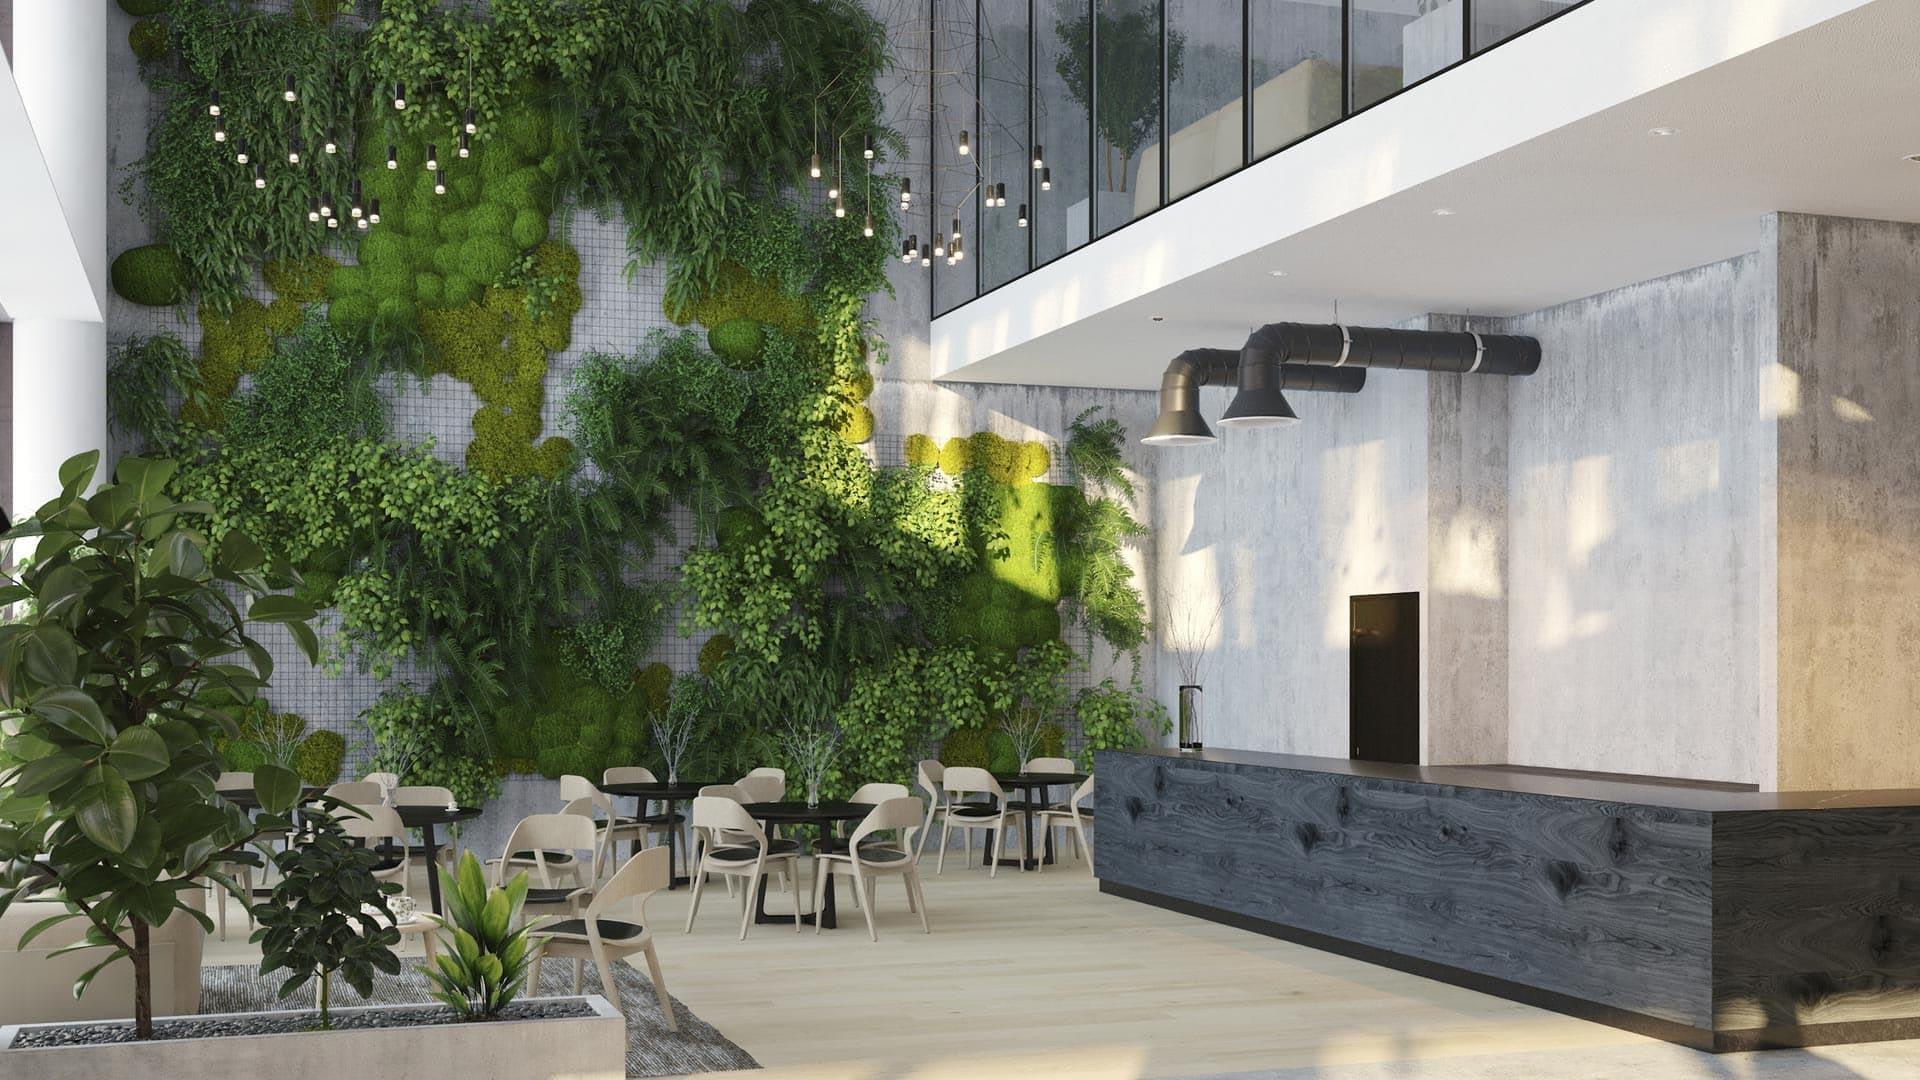 Swing house tarjoaa tiimisi hyvinvointia tukevat toimitilat lähellä Espoon Keilaniemen metroa